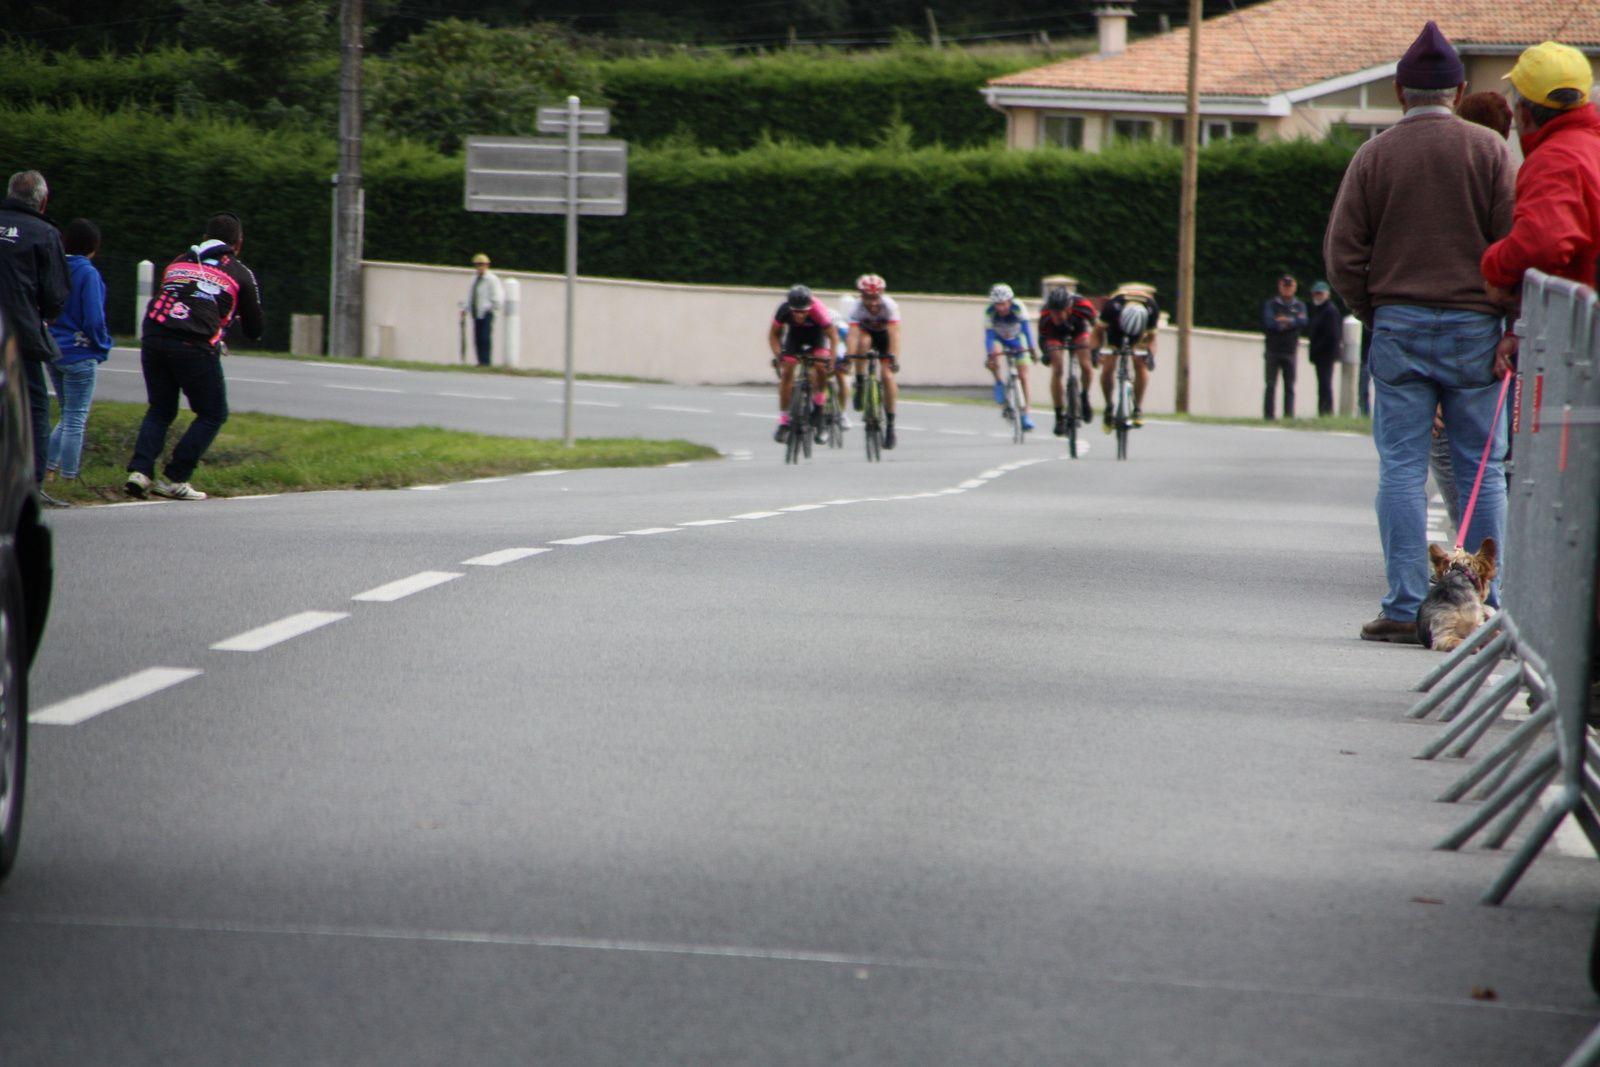 Arrivée  au  sprint  pour  les  7  et  Victoire  pour  Nicolas  LABUSSIERE(Angouléme  VC), 2e  Valentin  COLLET(VC  Rochefort), 3e  Christian  MONIER(C  Poitevin)